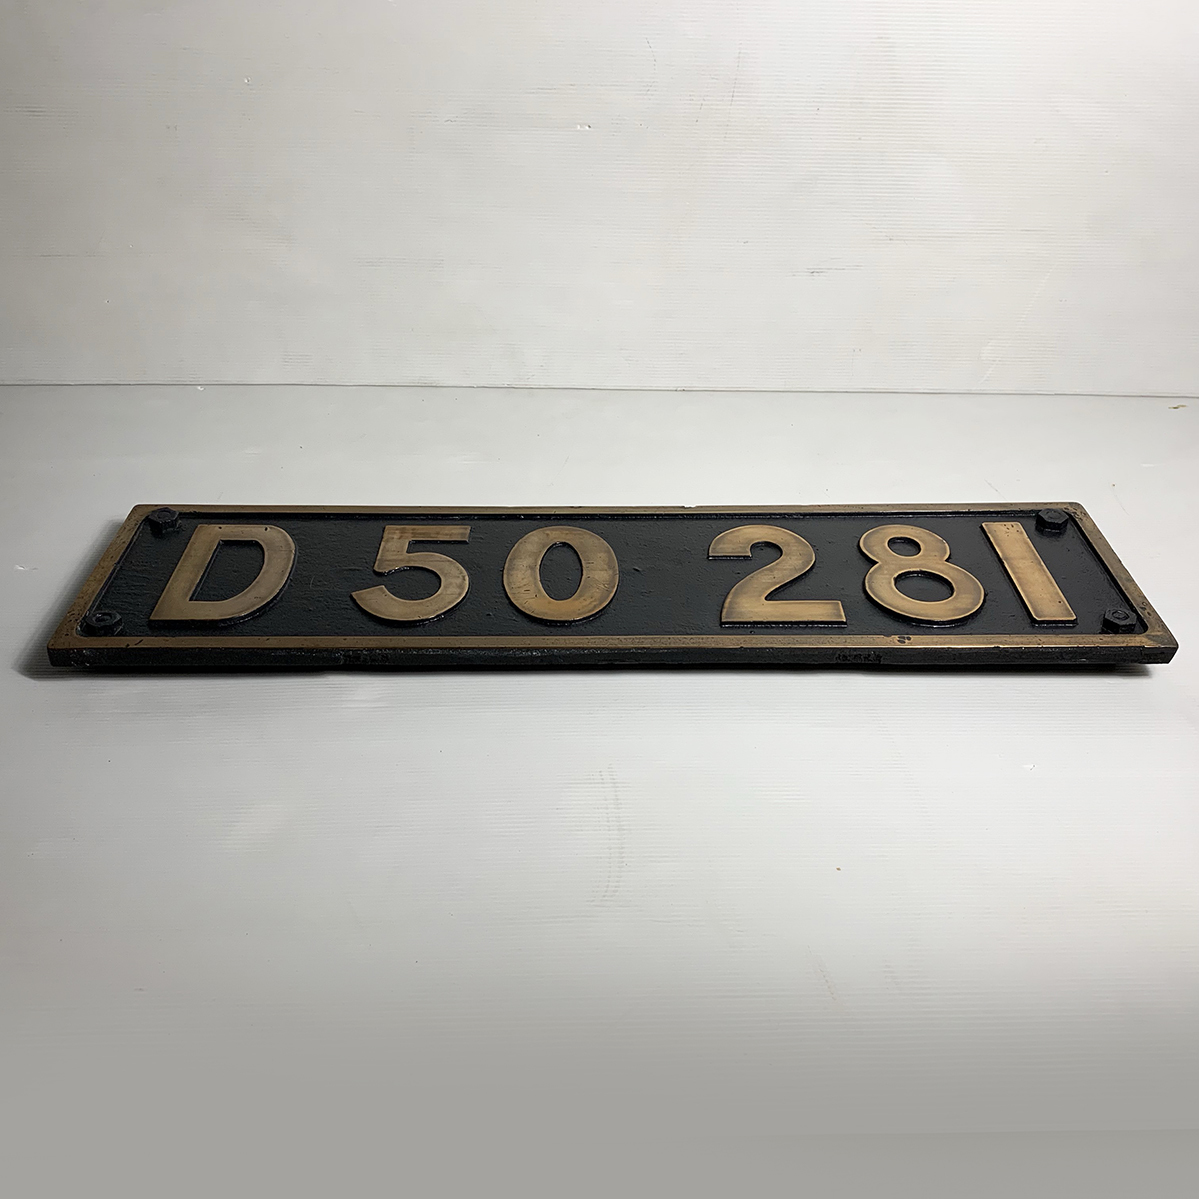 ボルト付 実装品!!超希少 国鉄 当時物 D50 281 デゴマル SL D50形 蒸気機関車 砲金 ナンバープレート 番号板 車両部品 鉄道 北海道 デゴレ_画像2